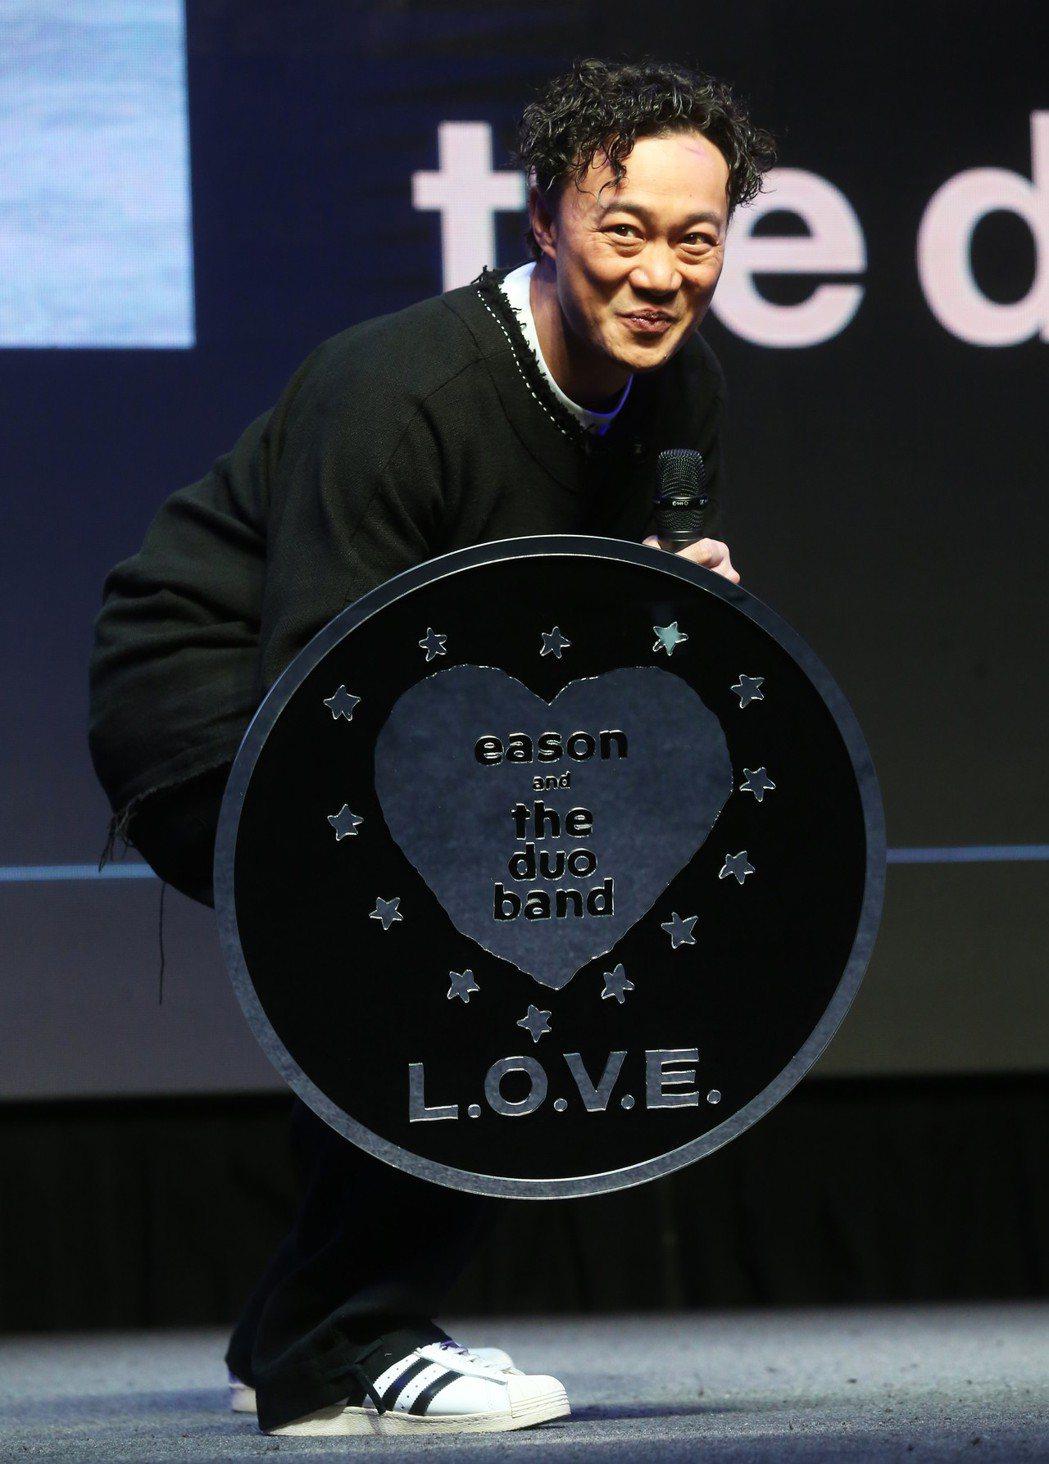 陳奕迅在台北舉辦 《L.O.V.E in F.R.A.M.E.S.》放映會X分享...